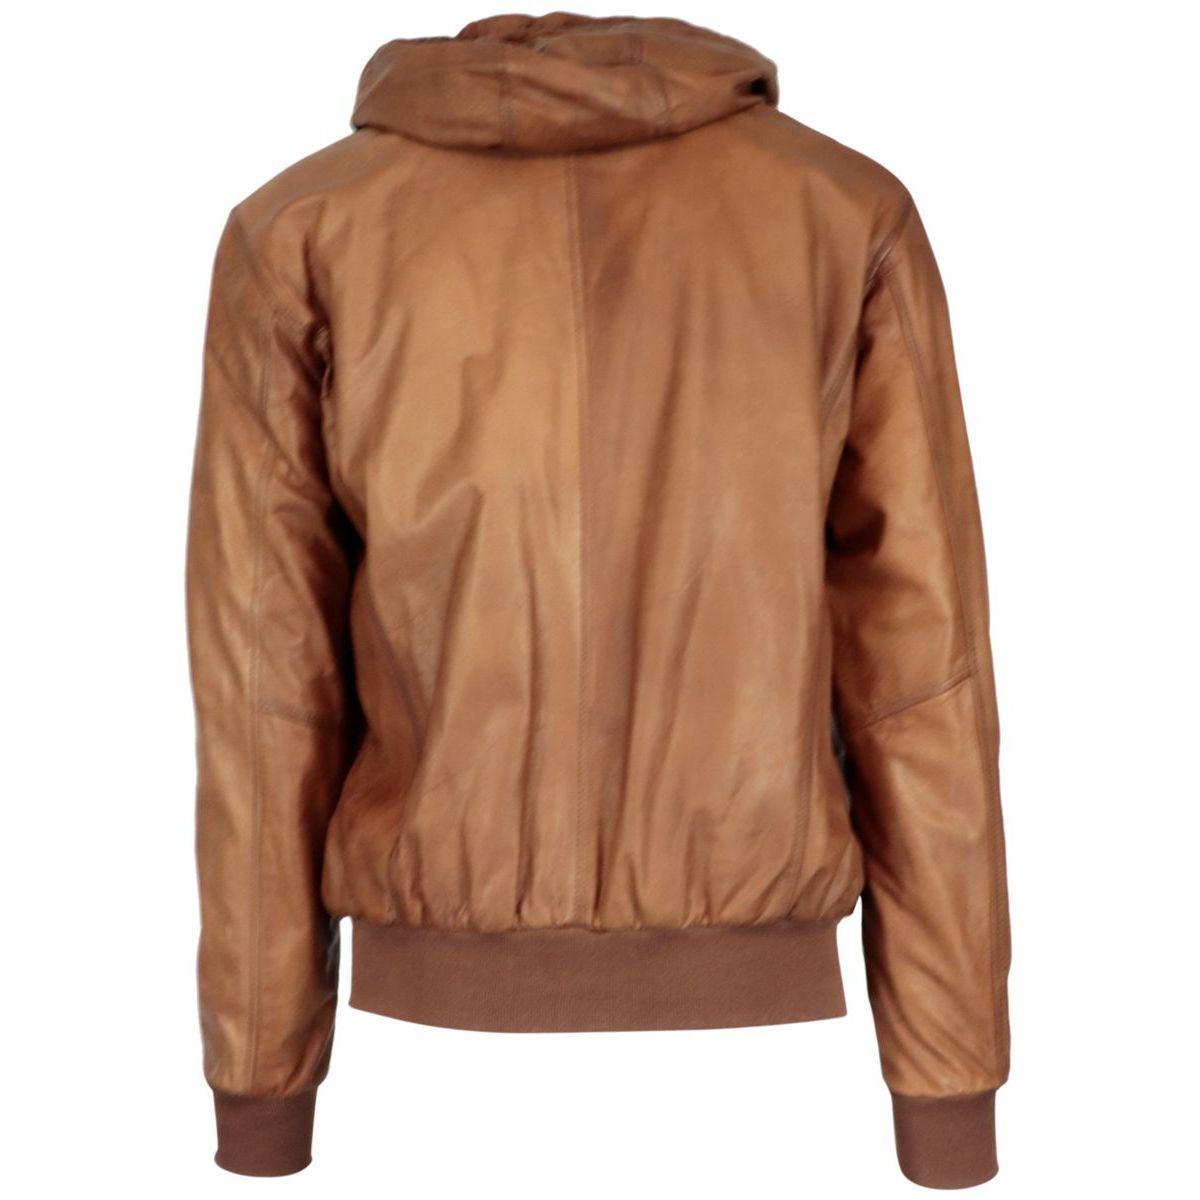 Leather bomber jacket with hood Cognac Barba Napoli